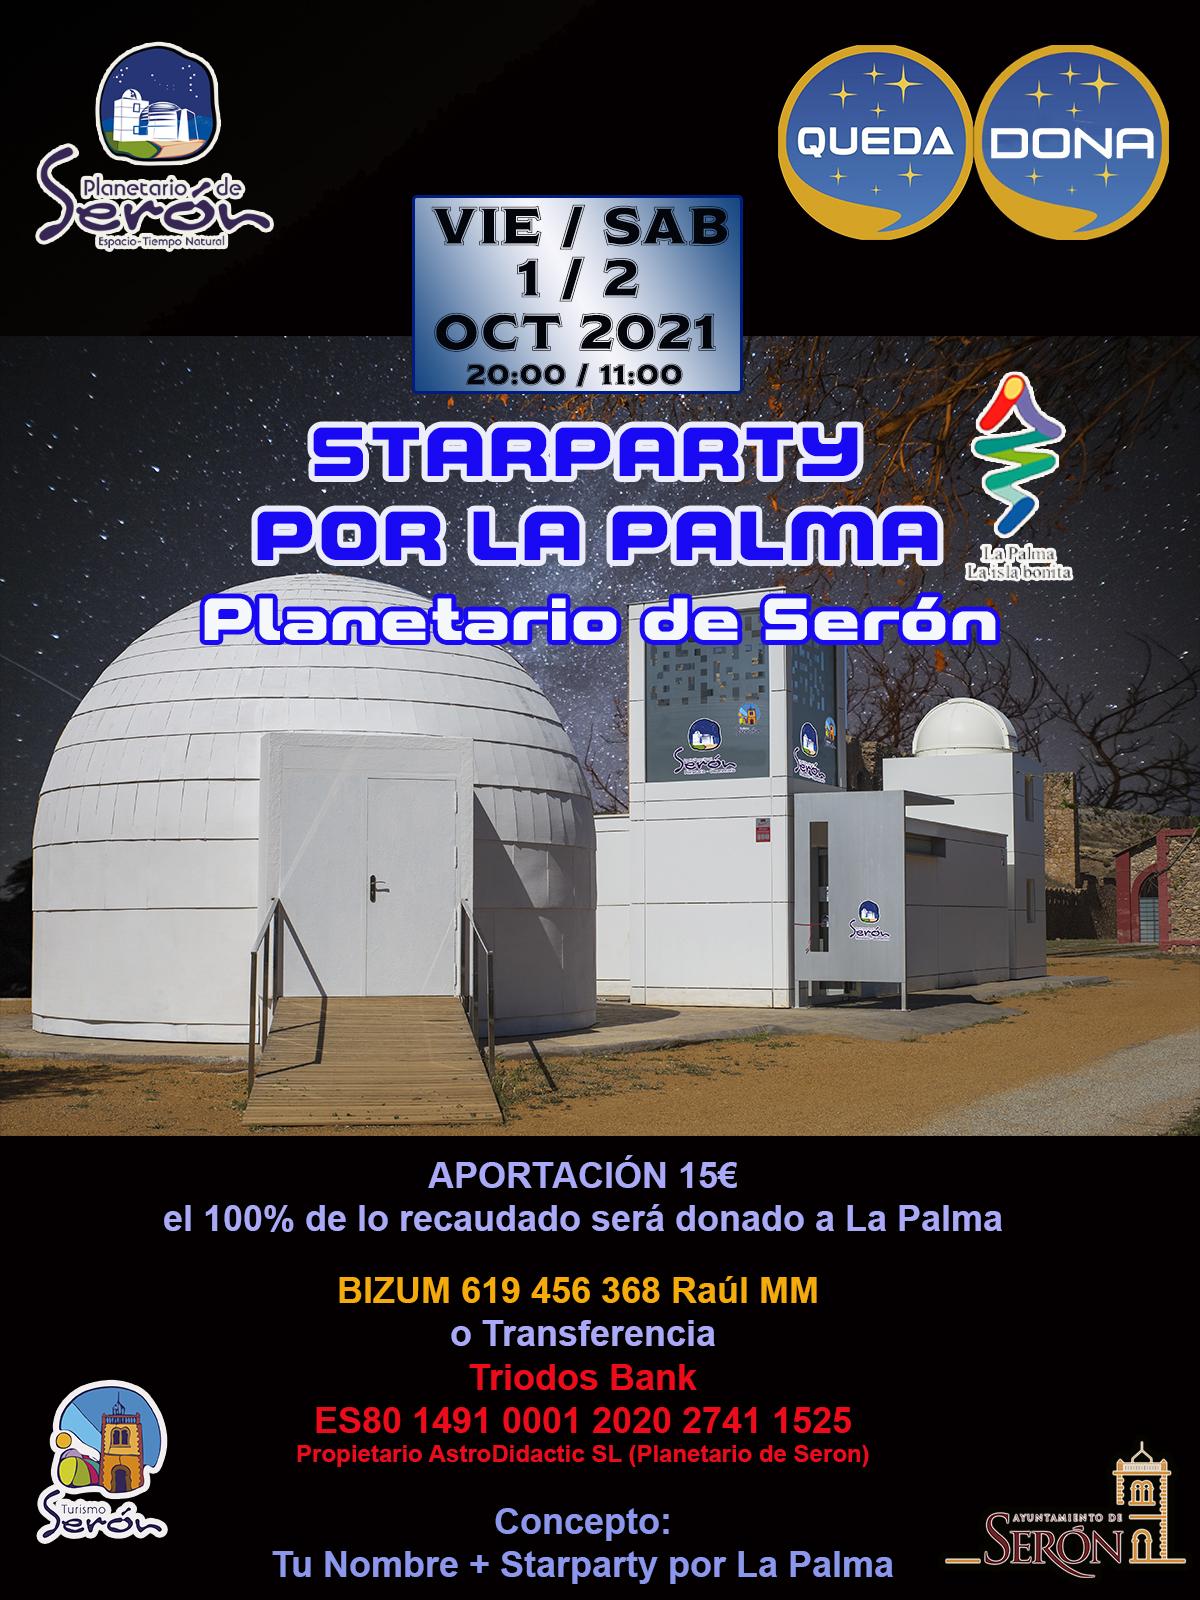 QuedaDona StarParty x La Palma